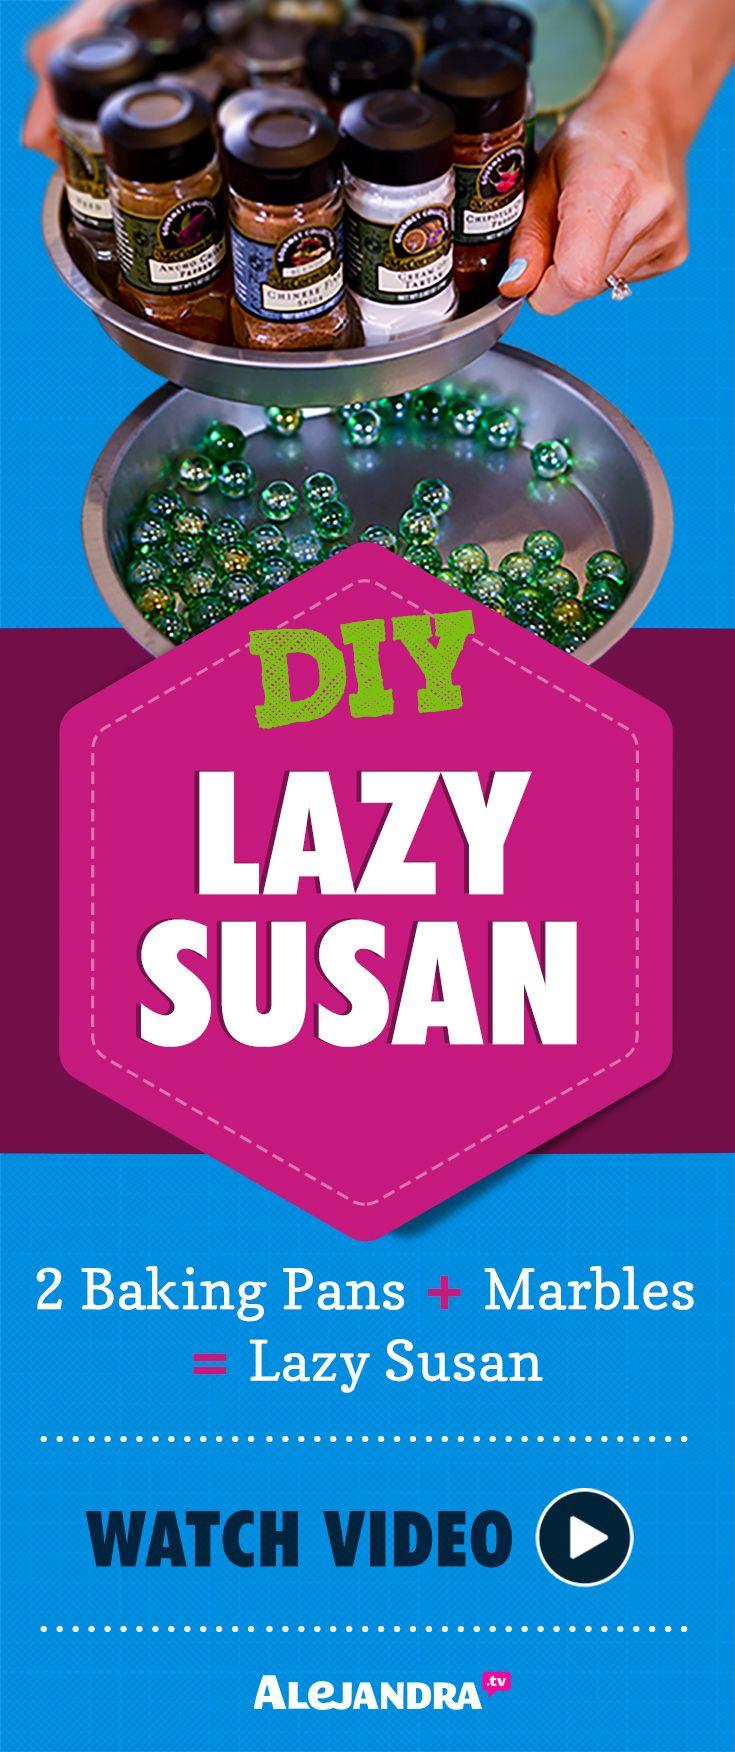 DIY lazy susan - video tutorial here: http://www.alejandra.tv/blog/2014/12/video-diy-organization-ideas-part-1/